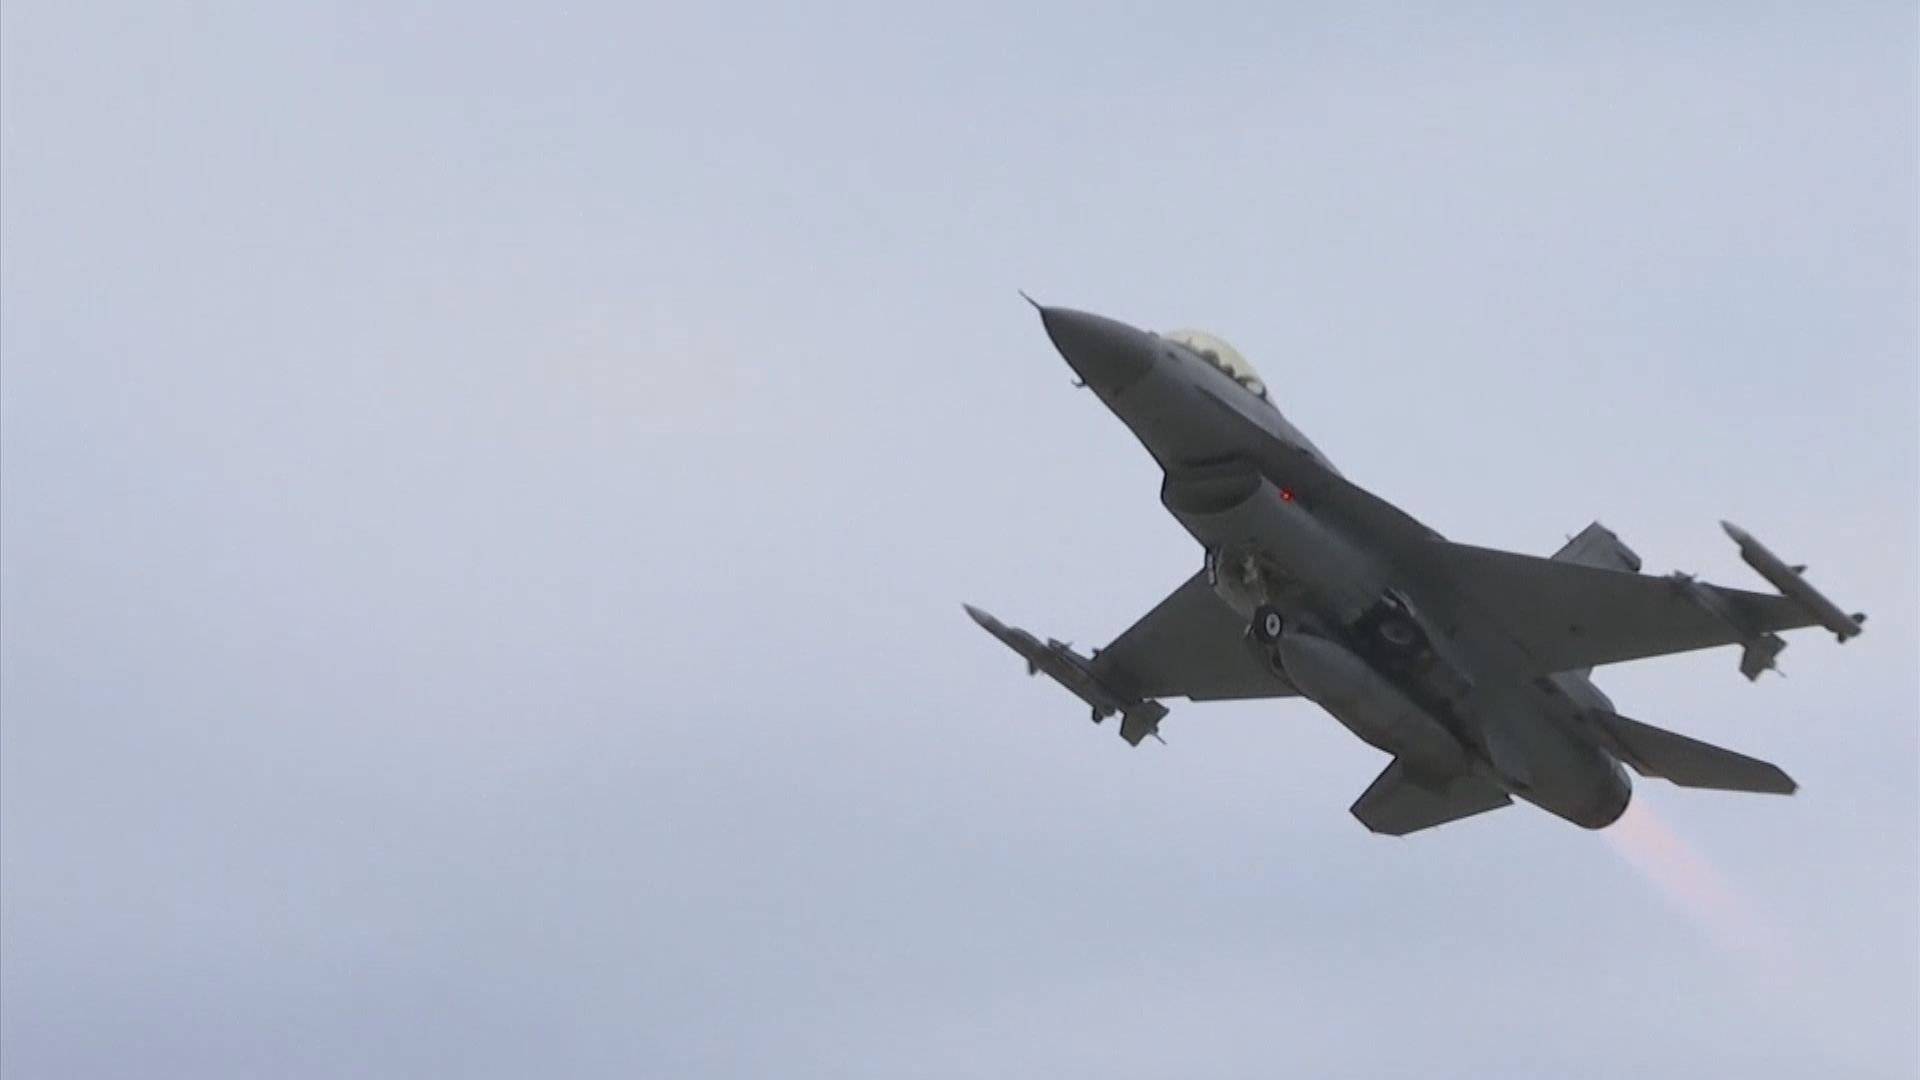 據報特朗普默許向台灣出售F-16戰機